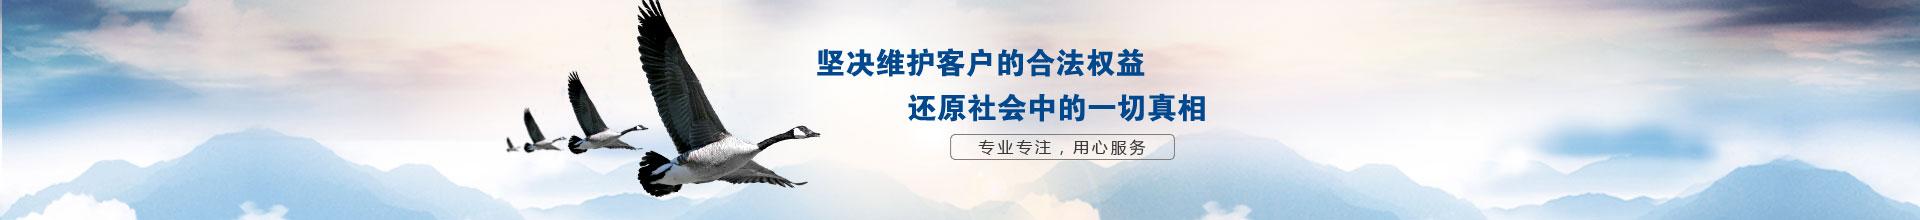 南京侦探公司